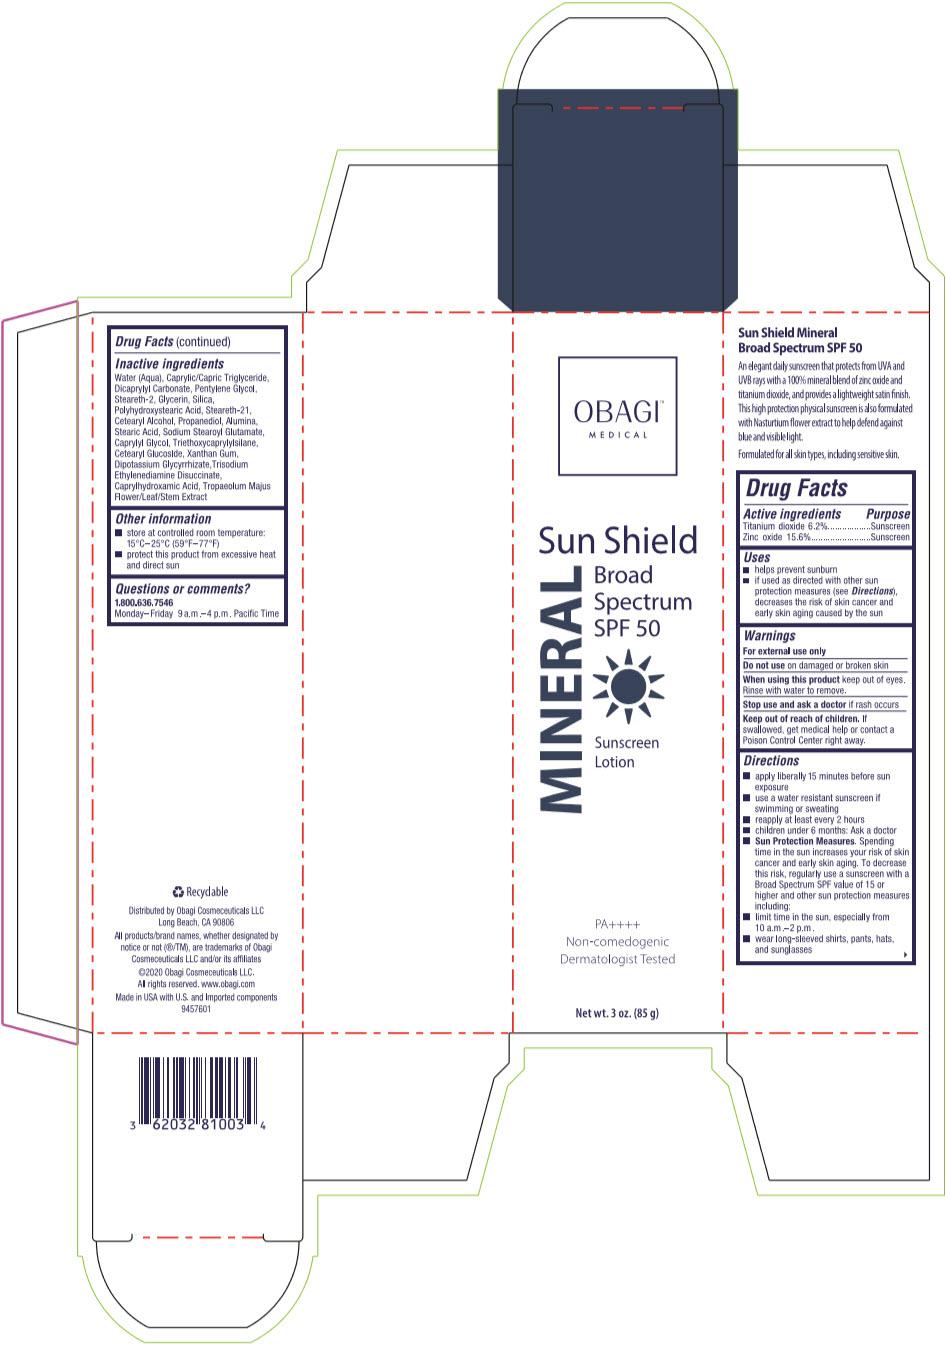 PRINCIPAL DISPLAY PANEL - 85 g Tube Carton